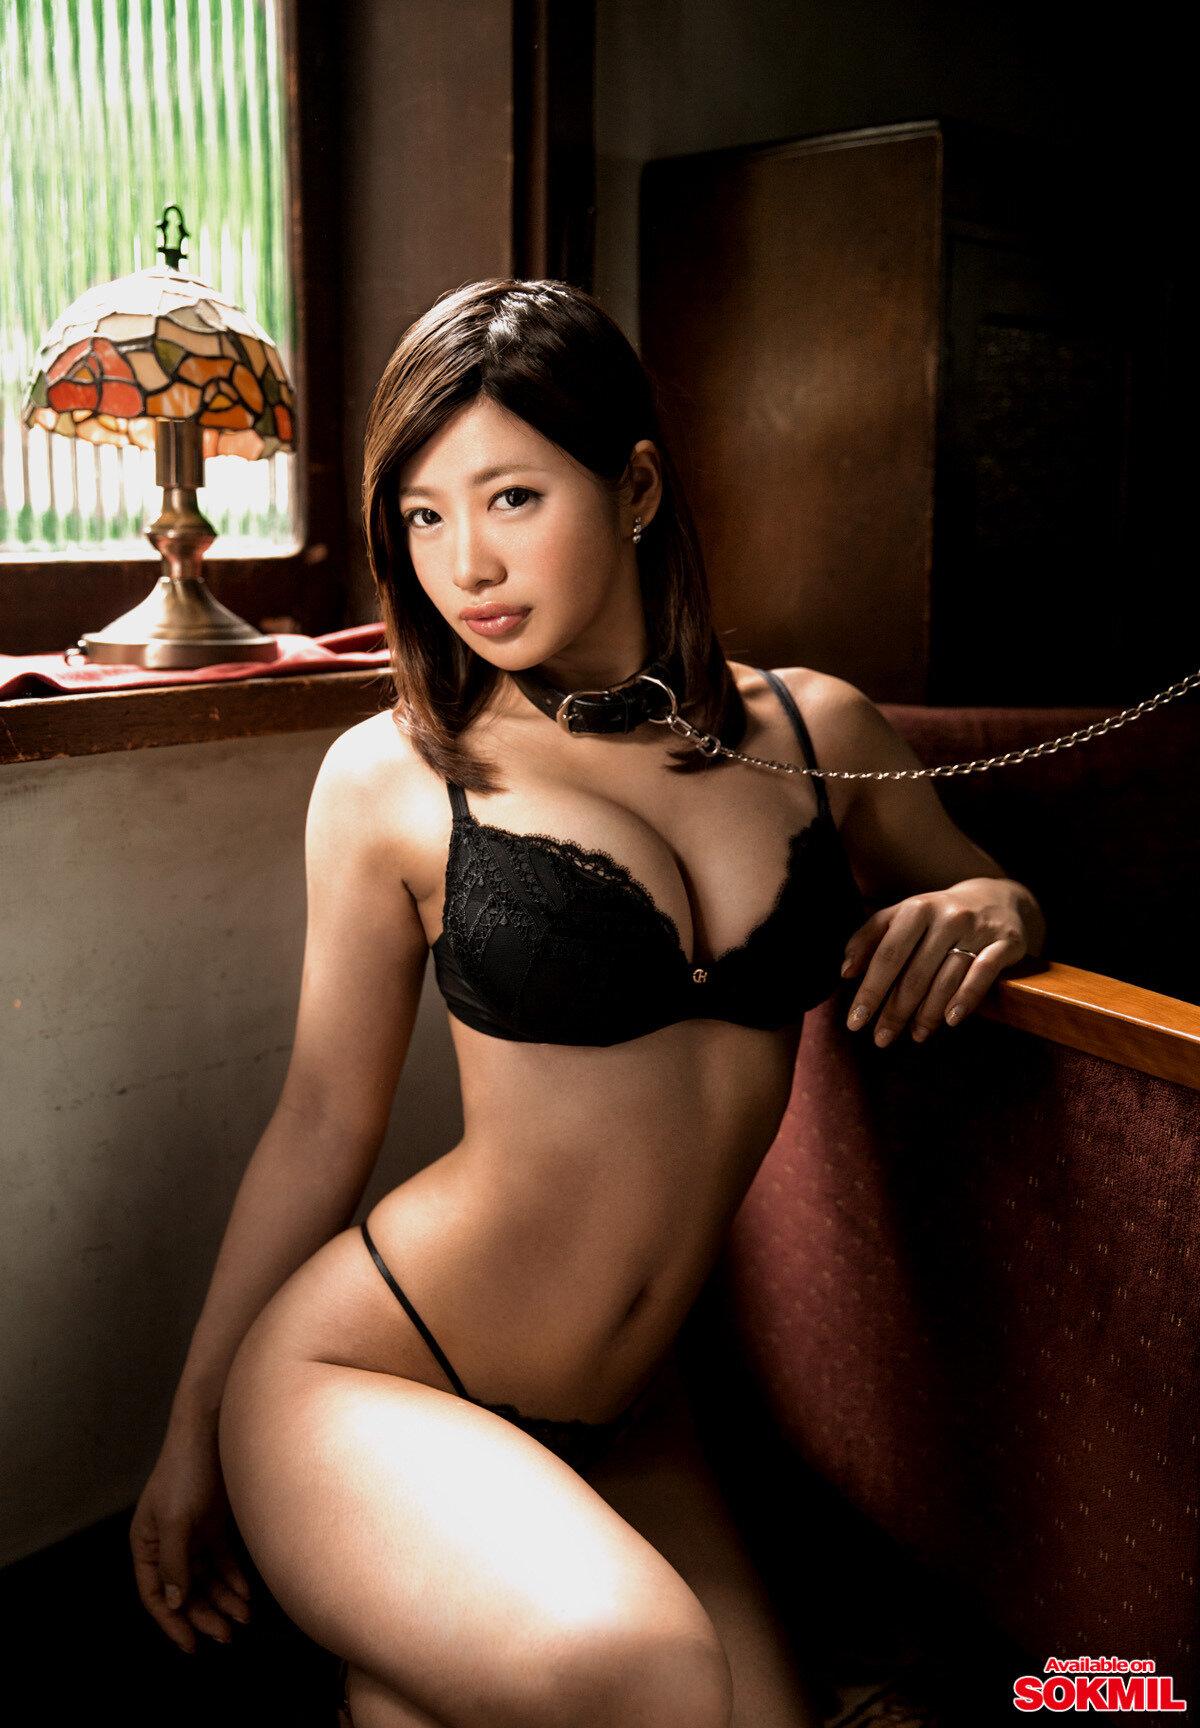 【画像あり】唇が1番エッチなAV女優、宮下真衣に決定する